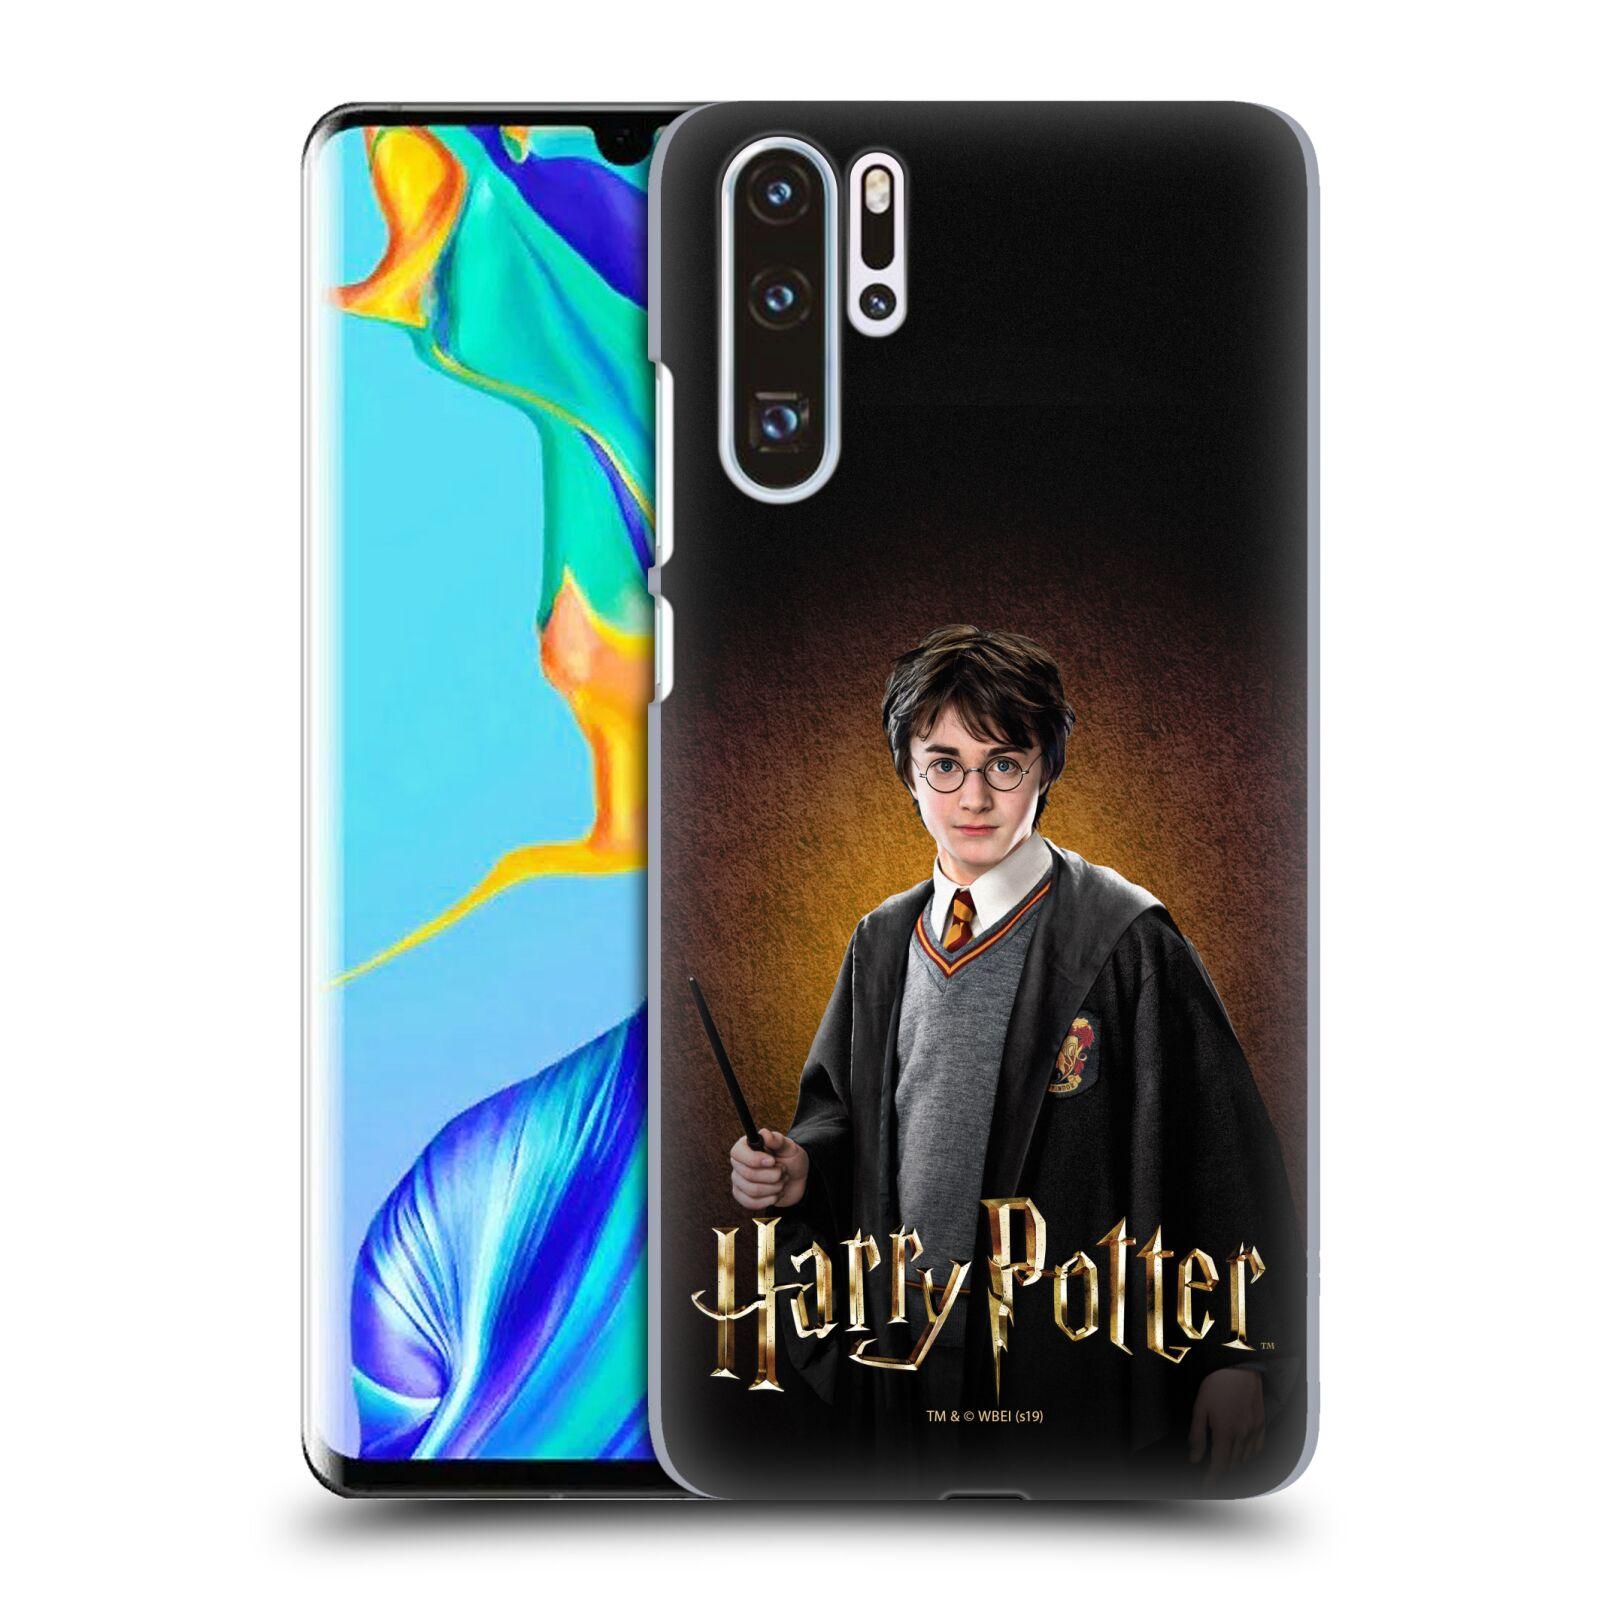 Plastové pouzdro na mobil Huawei P30 Pro - Harry Potter - Malý Harry Potter